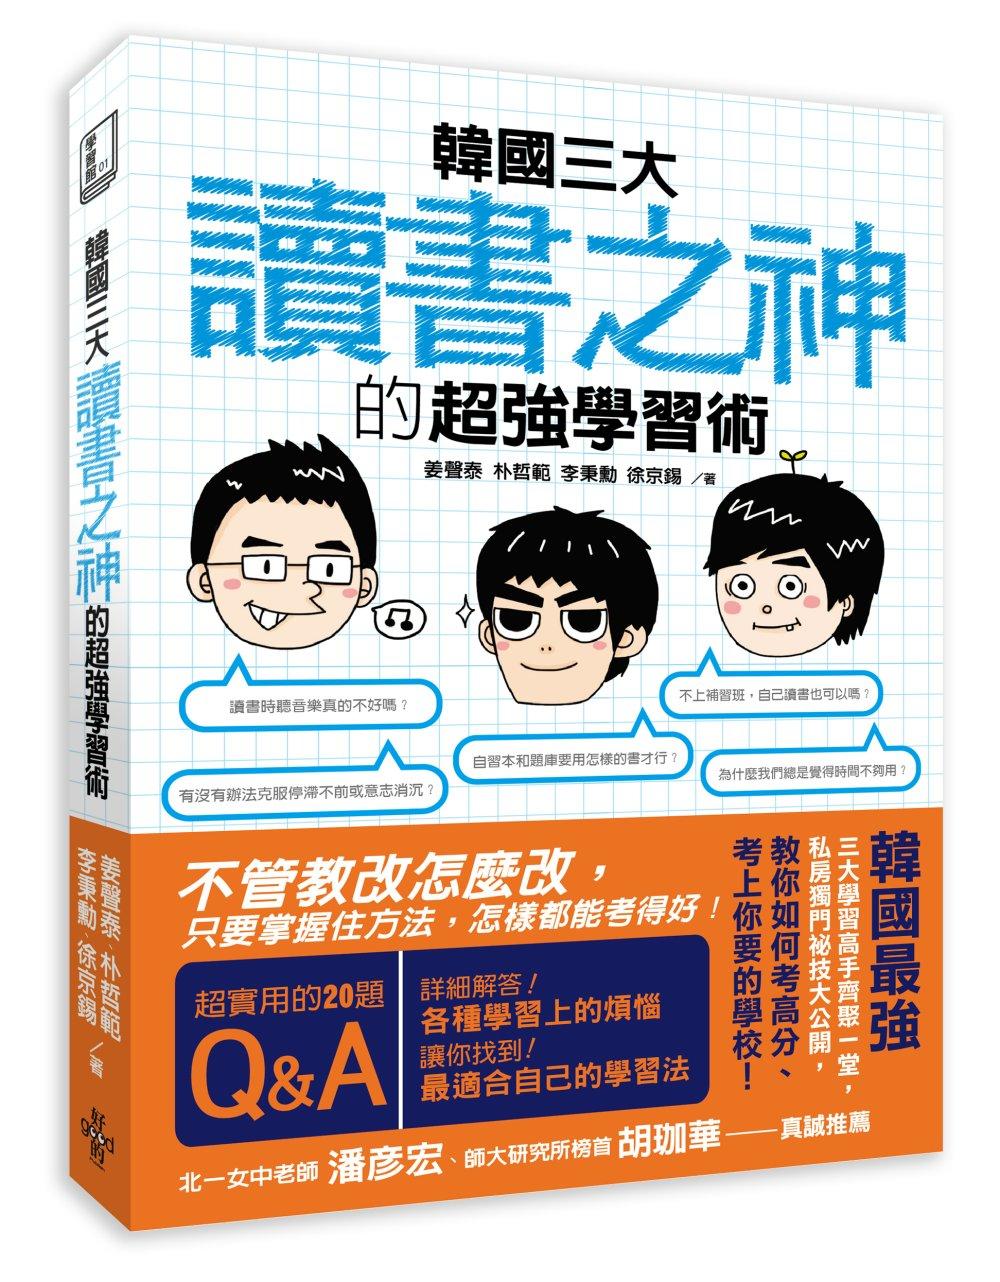 韓國三大「讀書之神」的超強學習術:不管教改怎麼改,只要掌握住方法,怎樣都能考得好!